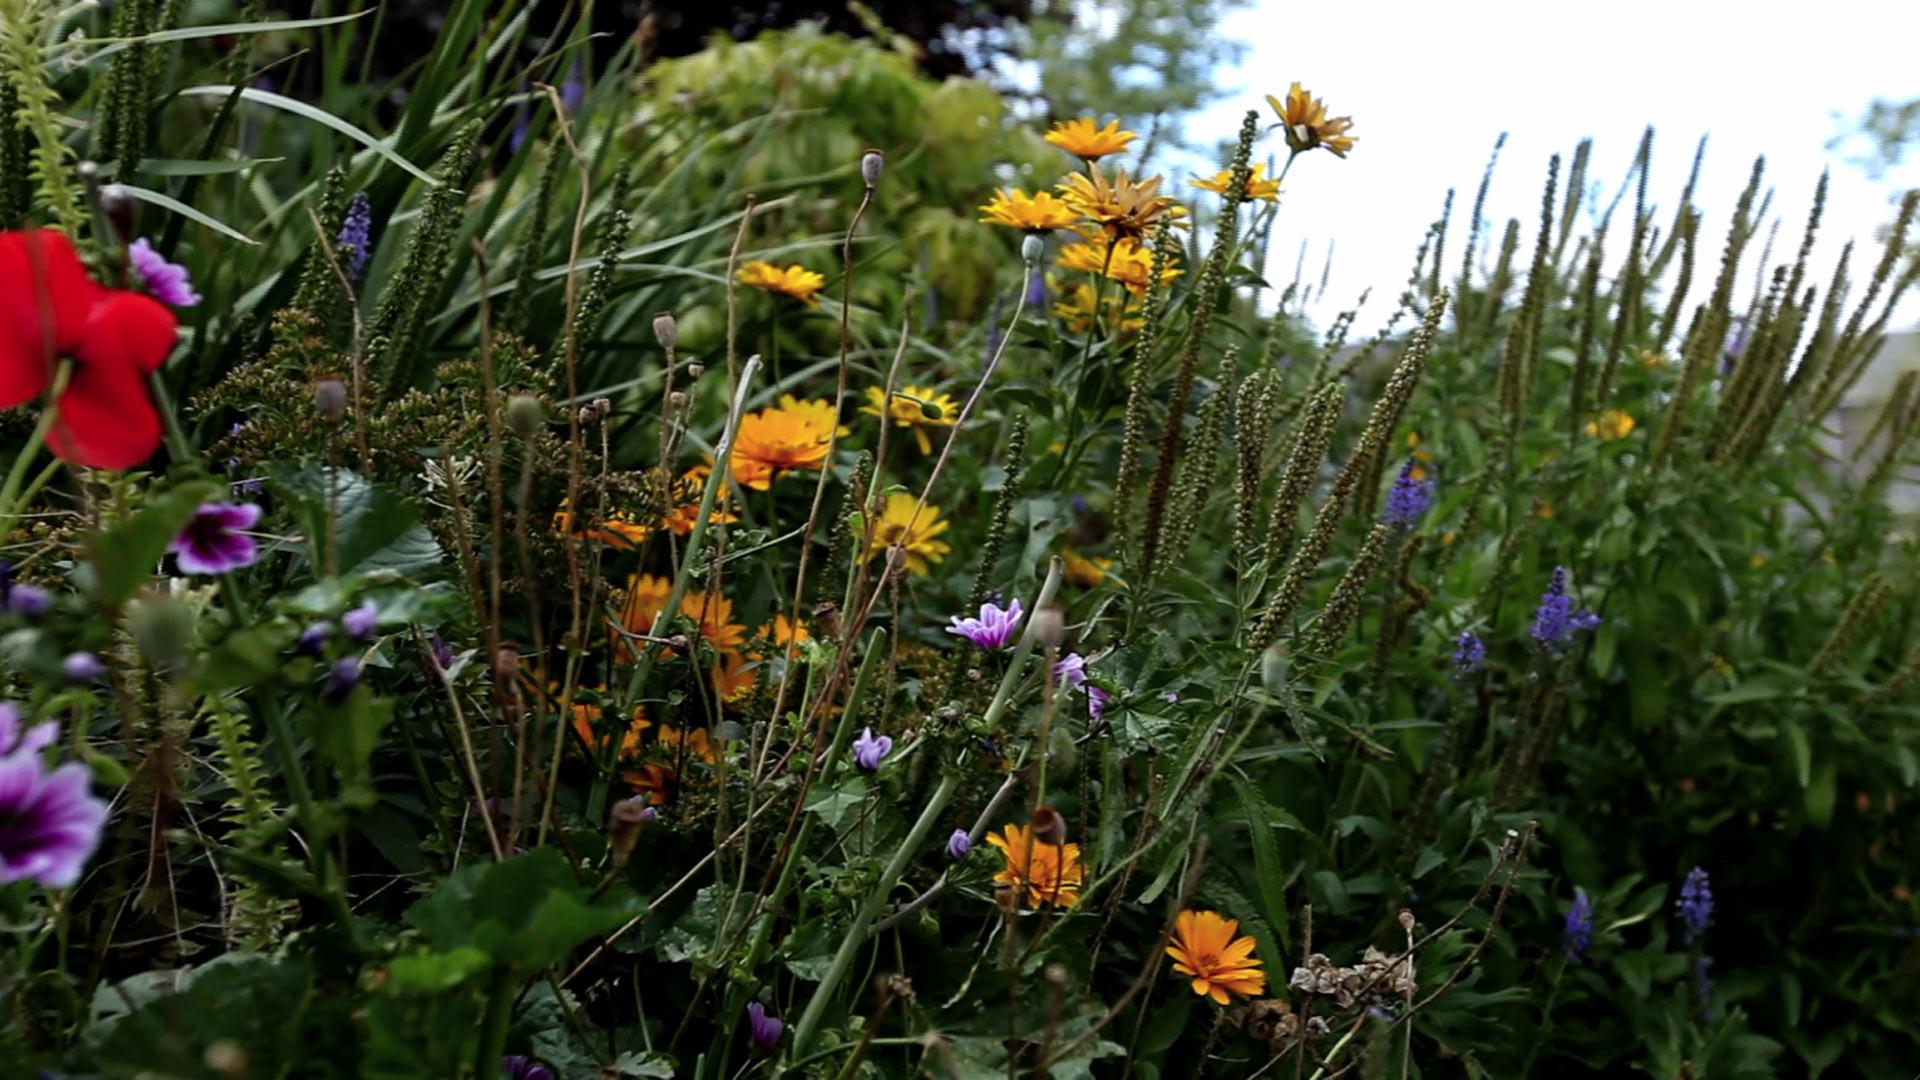 plants talk nature pbs plant jc cahill mezzanine think